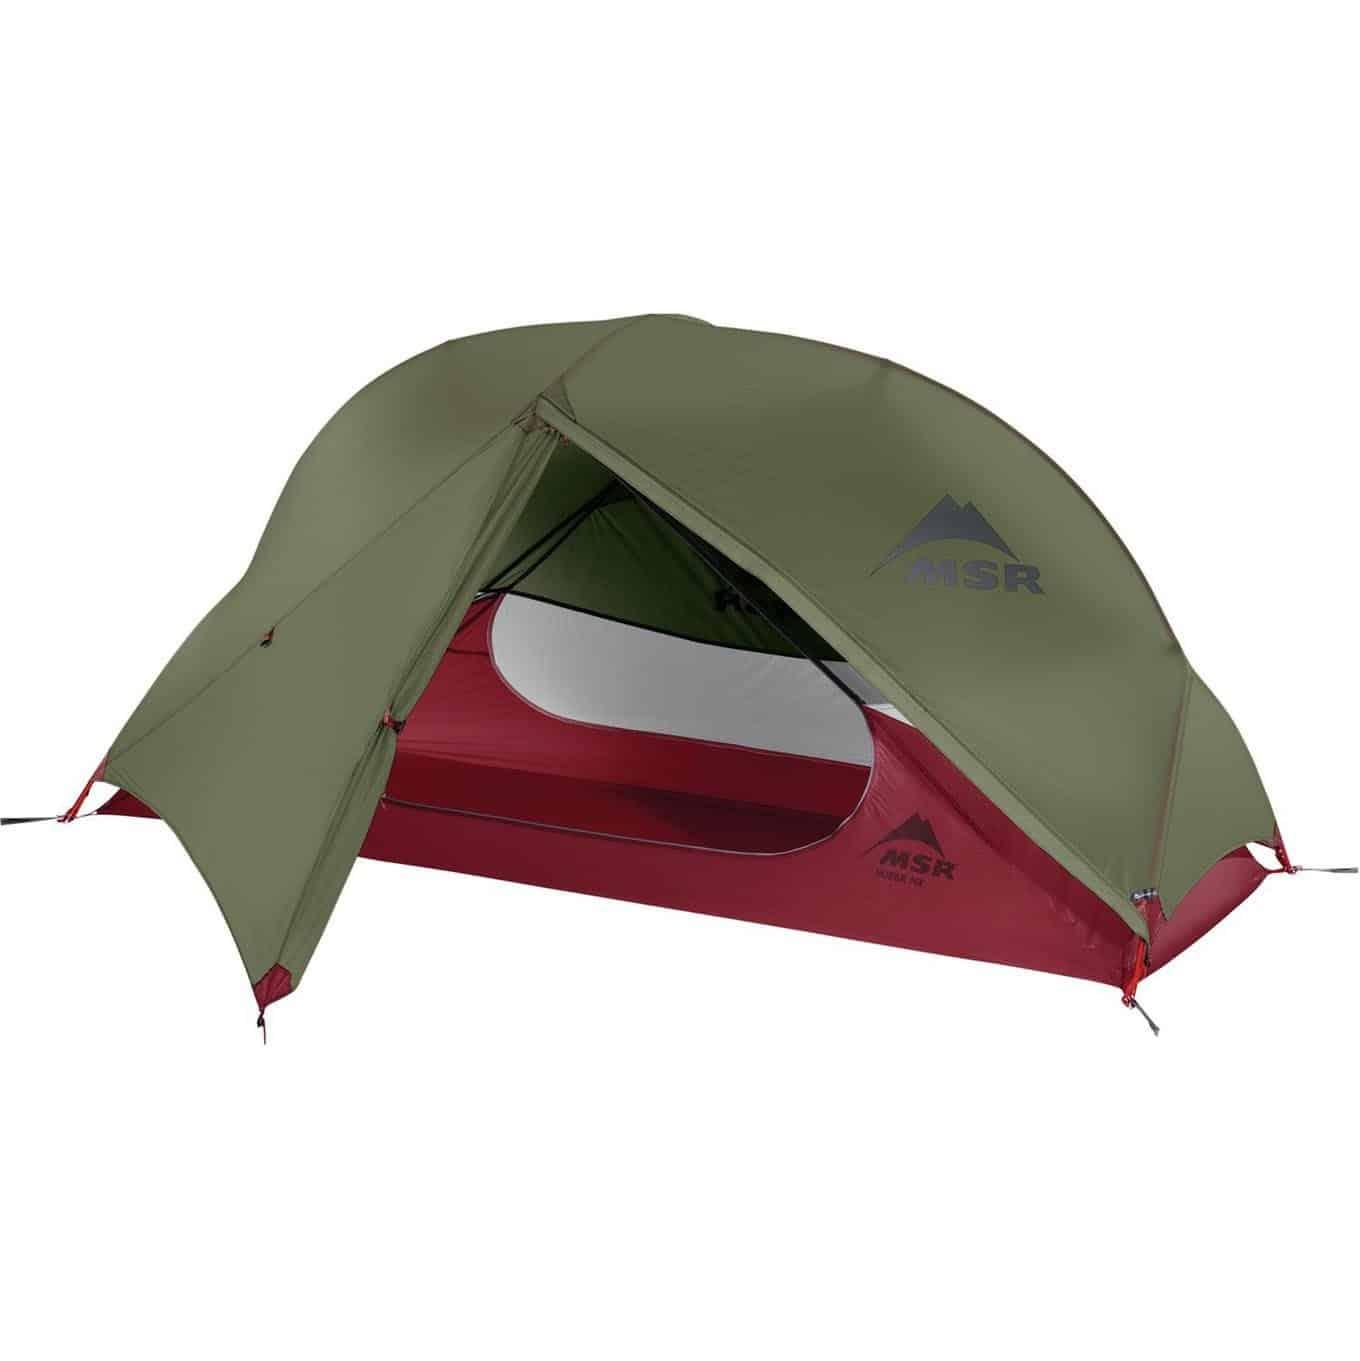 Une tente ultra-légère 1 personne